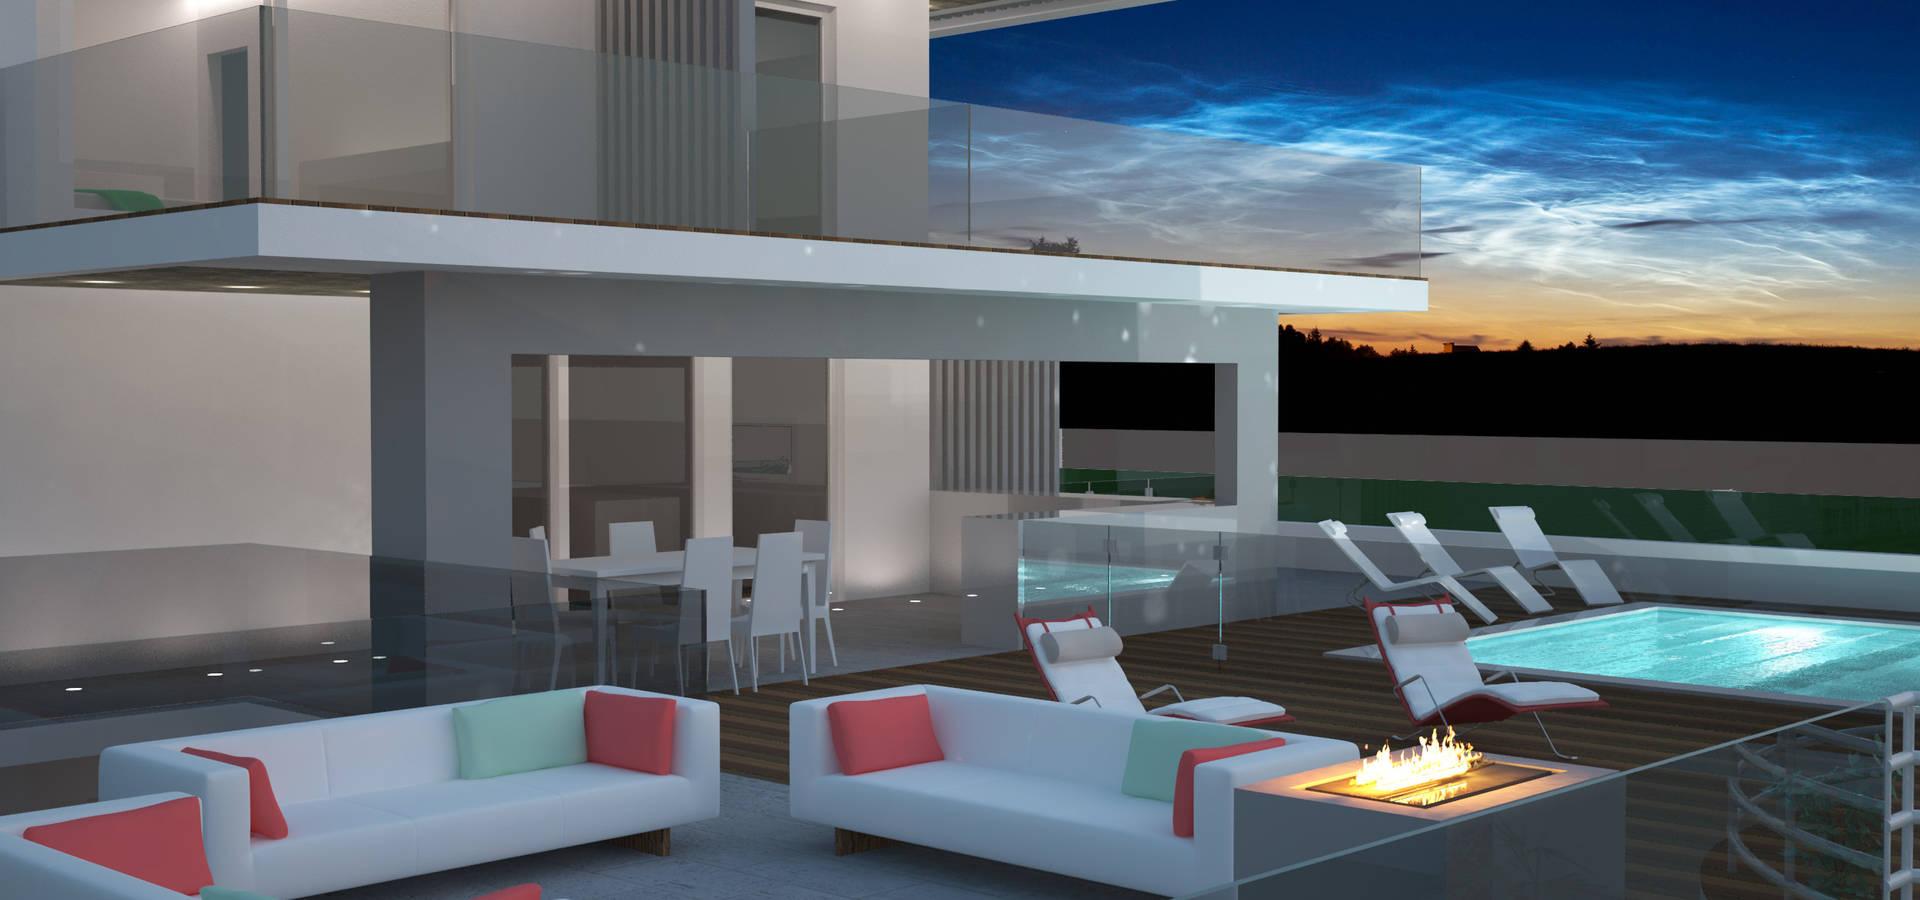 Villa di lusso di avantgarde construct luxury srl homify for Immagini di entrate di ville